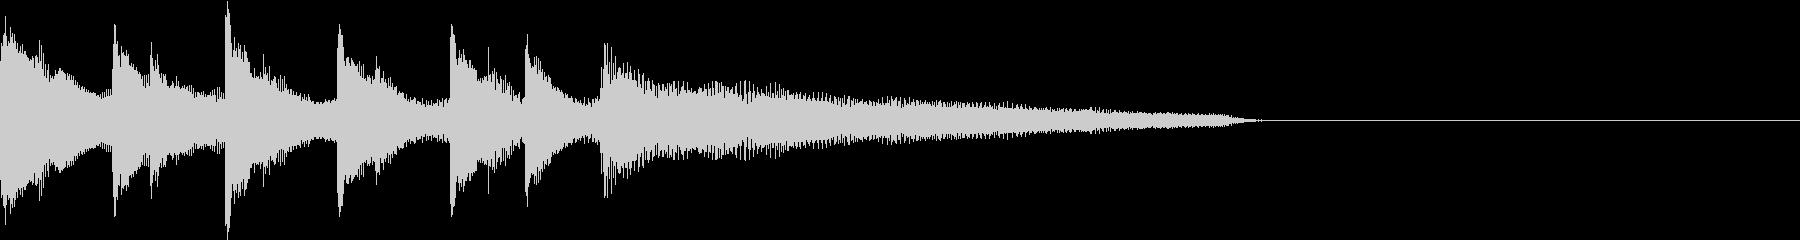 ゲームクリア・シンプルなピアノのジングルの未再生の波形